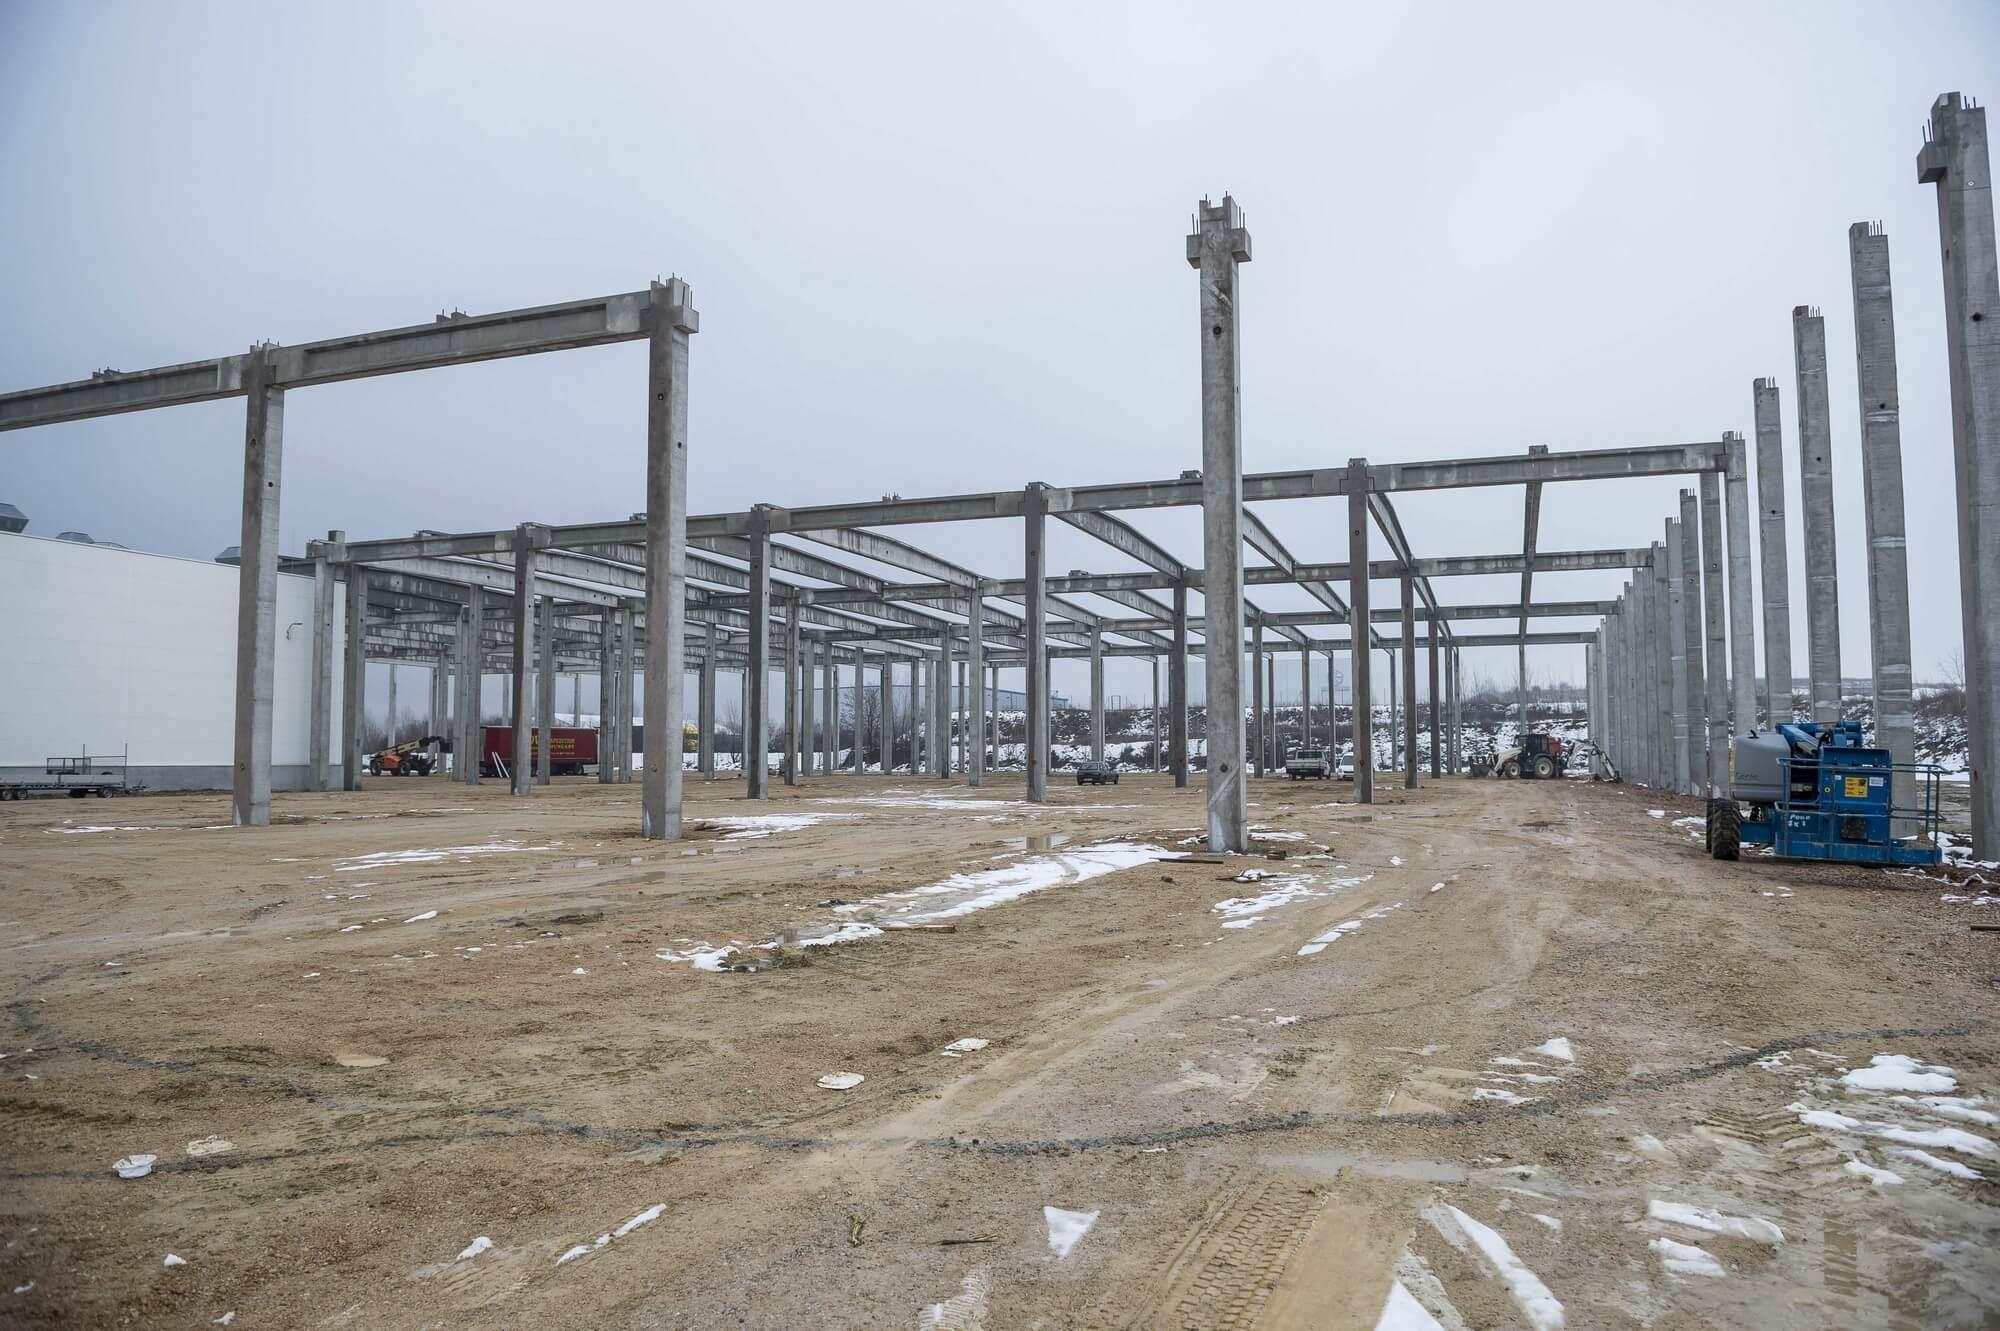 Luxusautó-szállítmányozó fejleszti logisztikai központját Tatabányán